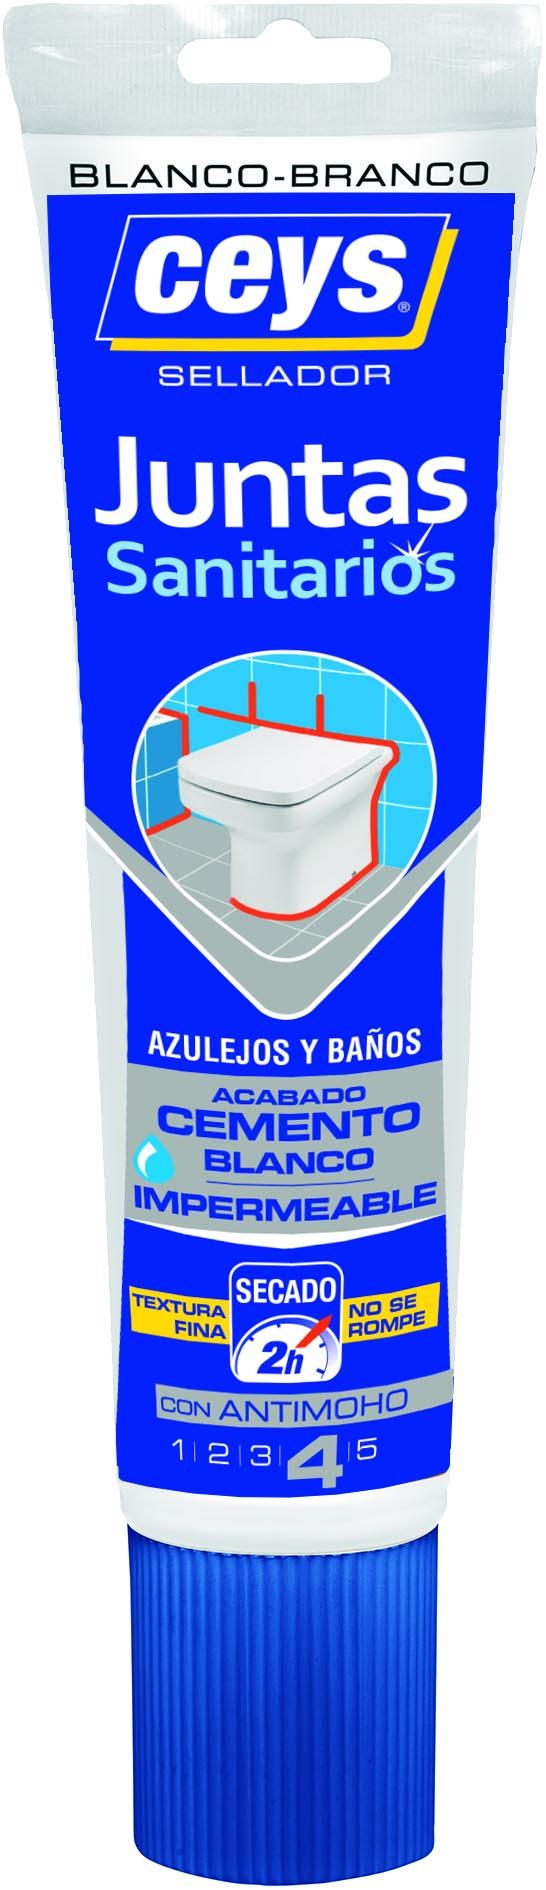 Como quitar el moho de los azulejos good limpiar juntas - Como limpiar las juntas de los azulejos del bano ...